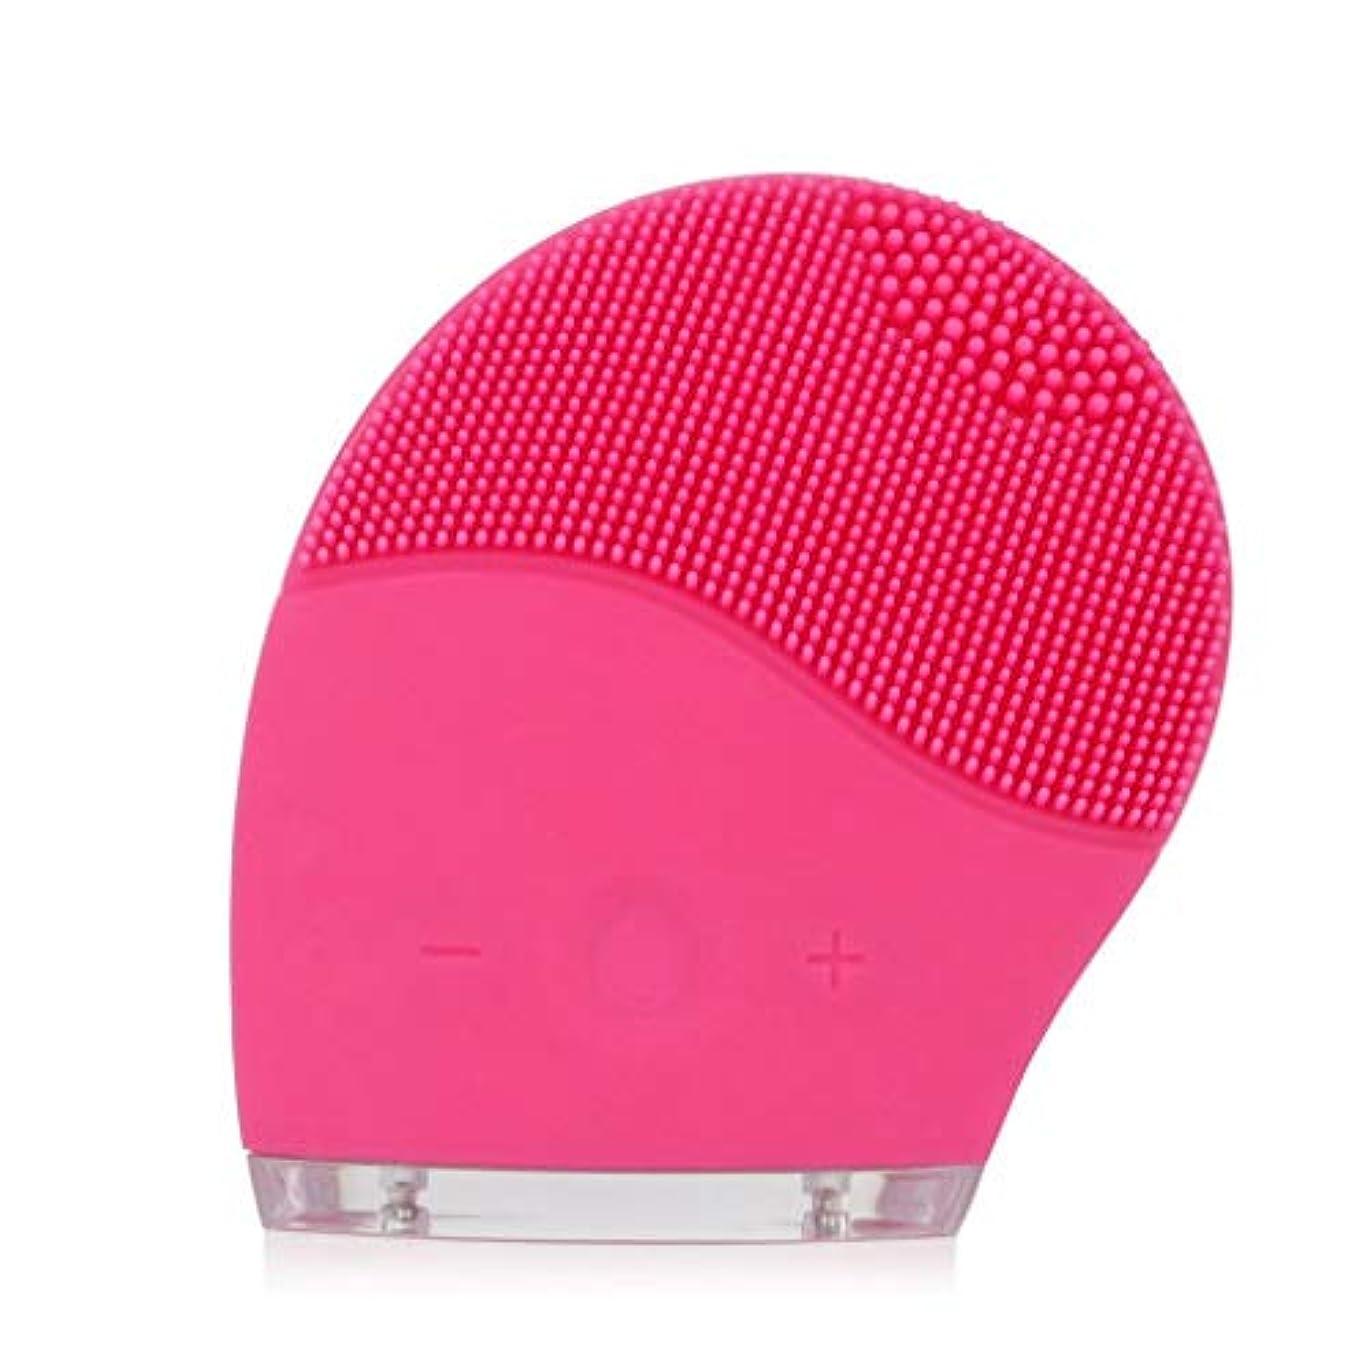 ラブあいさつゼロフェイシャルクレンジングブラシ、電気シリコーンフェイシャルマッサージブラシ防水アンチエイジングスキンクレンザー、ディープエクスフォリエイティングメイクアップツール、フェイシャルポリッシュ、スクラブ (Color : Pink)